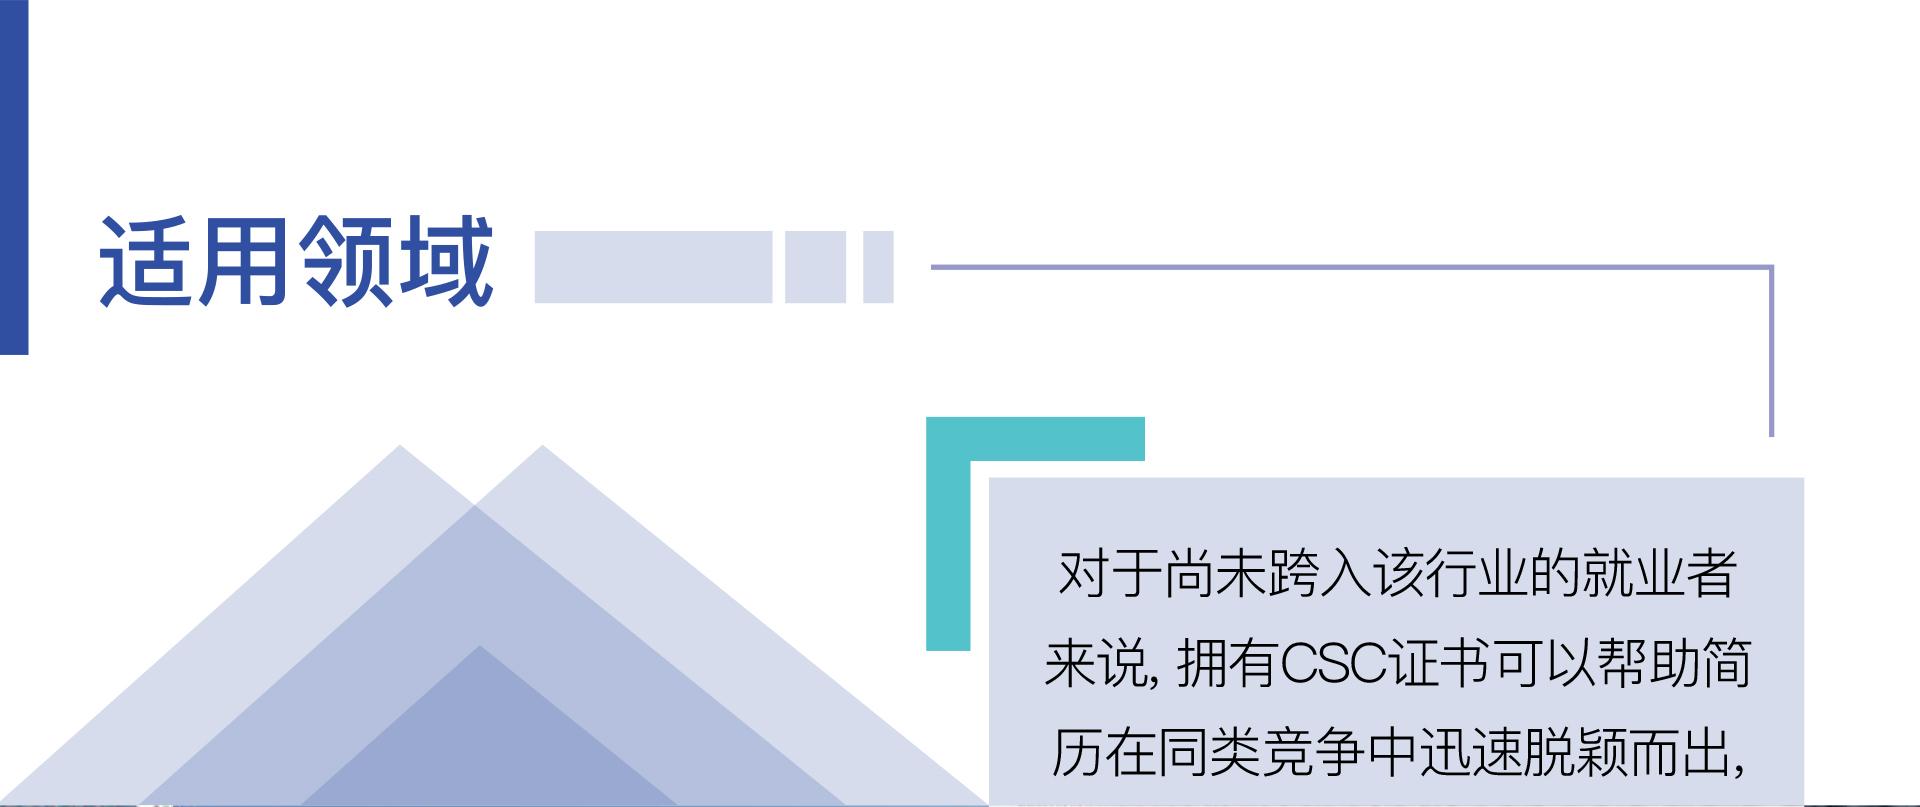 由加拿大证券学院Canadian Securities Institute所提供的CSC(Canadian Securities Course)课程,是当前最受证券金融投资市场所推崇的认证证书,也是进入金融、证券、银行等领域的一个最基本的证书。适用领域-对于尚未跨入该行业的就业者来说, 拥有CSC证书可以帮助简历在同类竞争中迅速脱颖而出,对于已经工作在该行业初级岗位的人员来说, CSC课程更是让大家晋升和发展的基础。